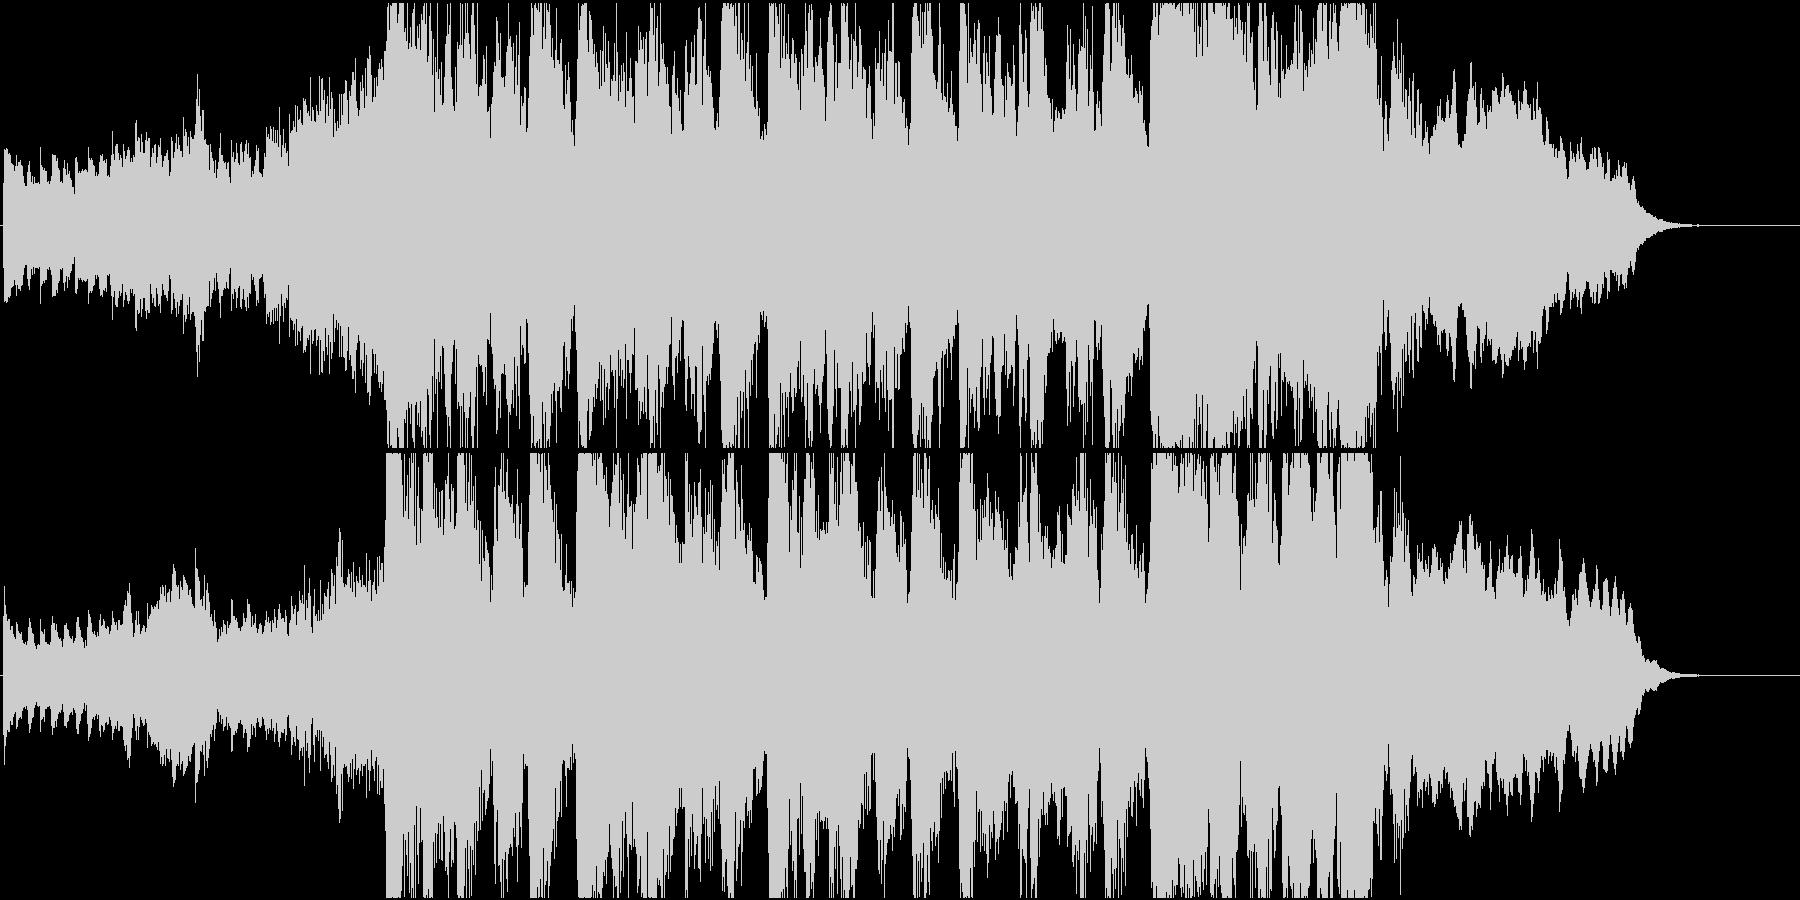 静かなピアノから壮大なオケ④30秒版の未再生の波形